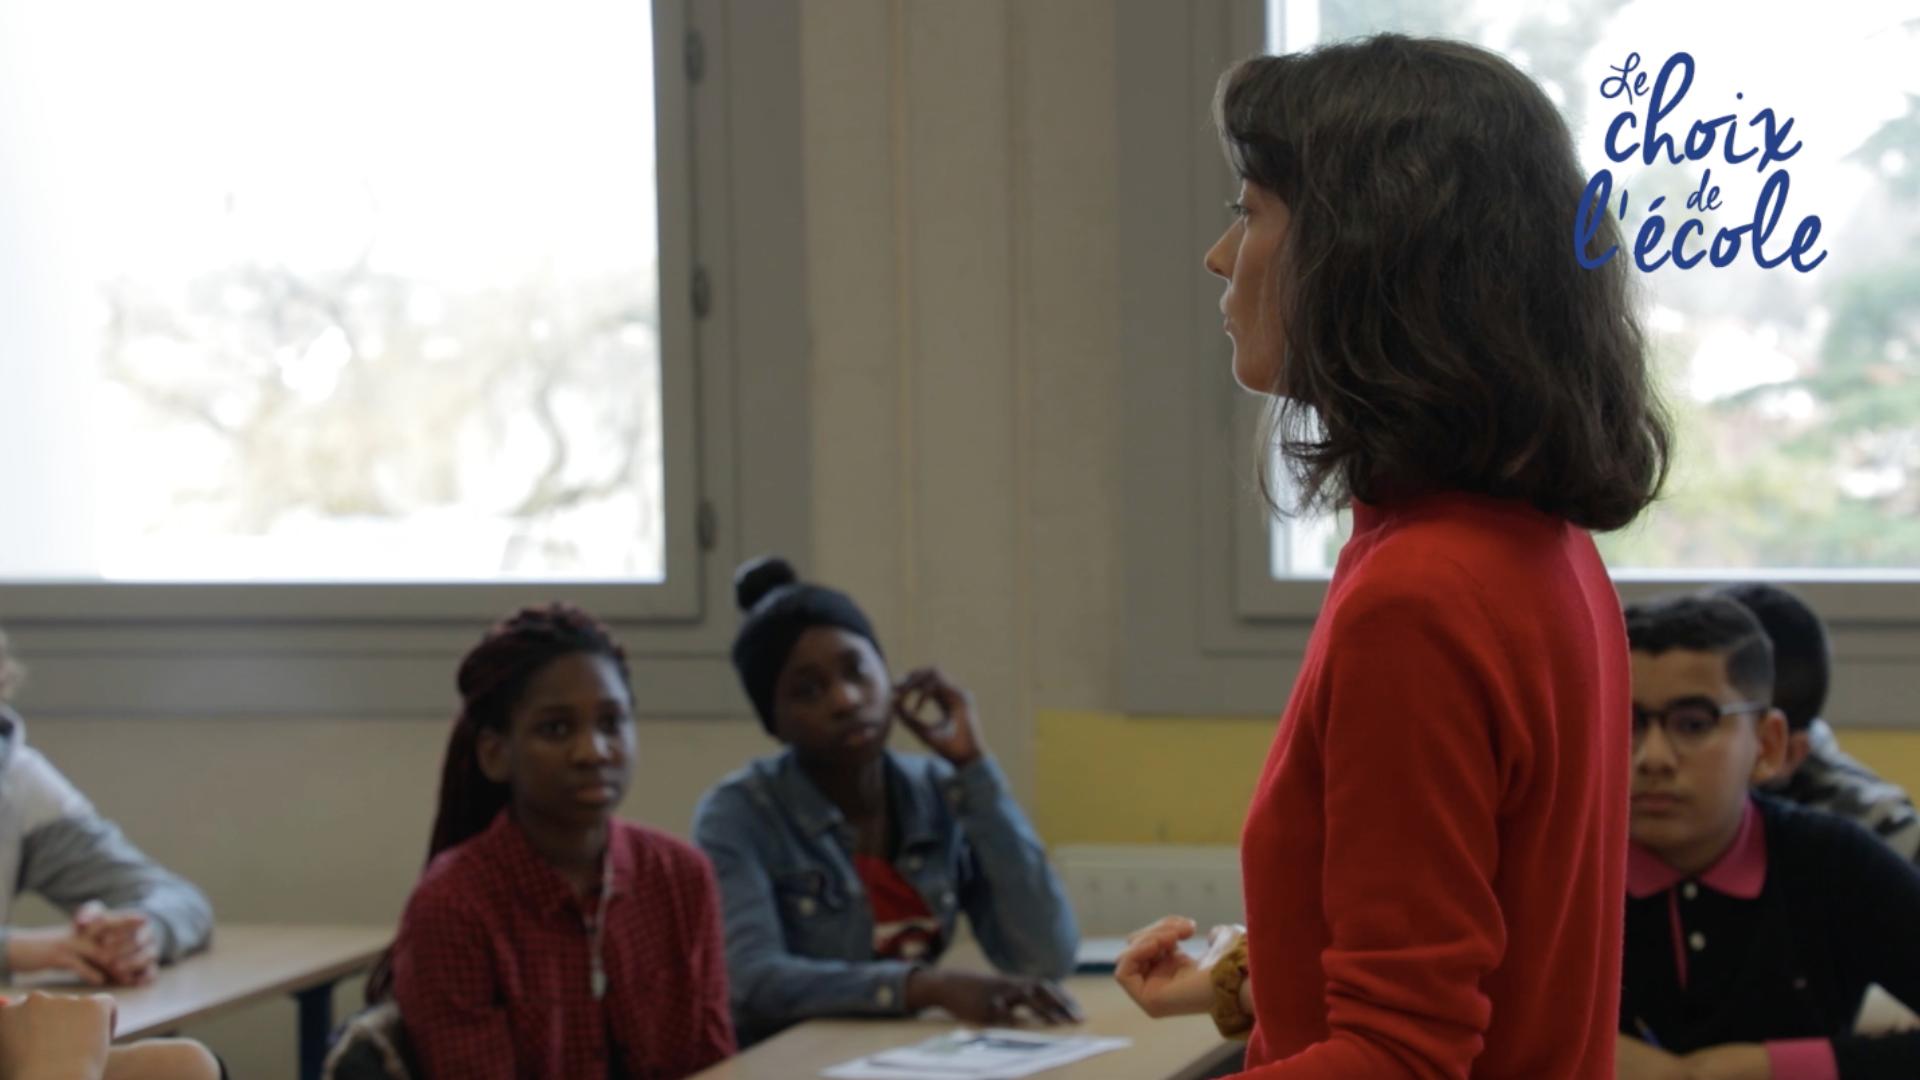 présentation du Choix de l'école en vidéo